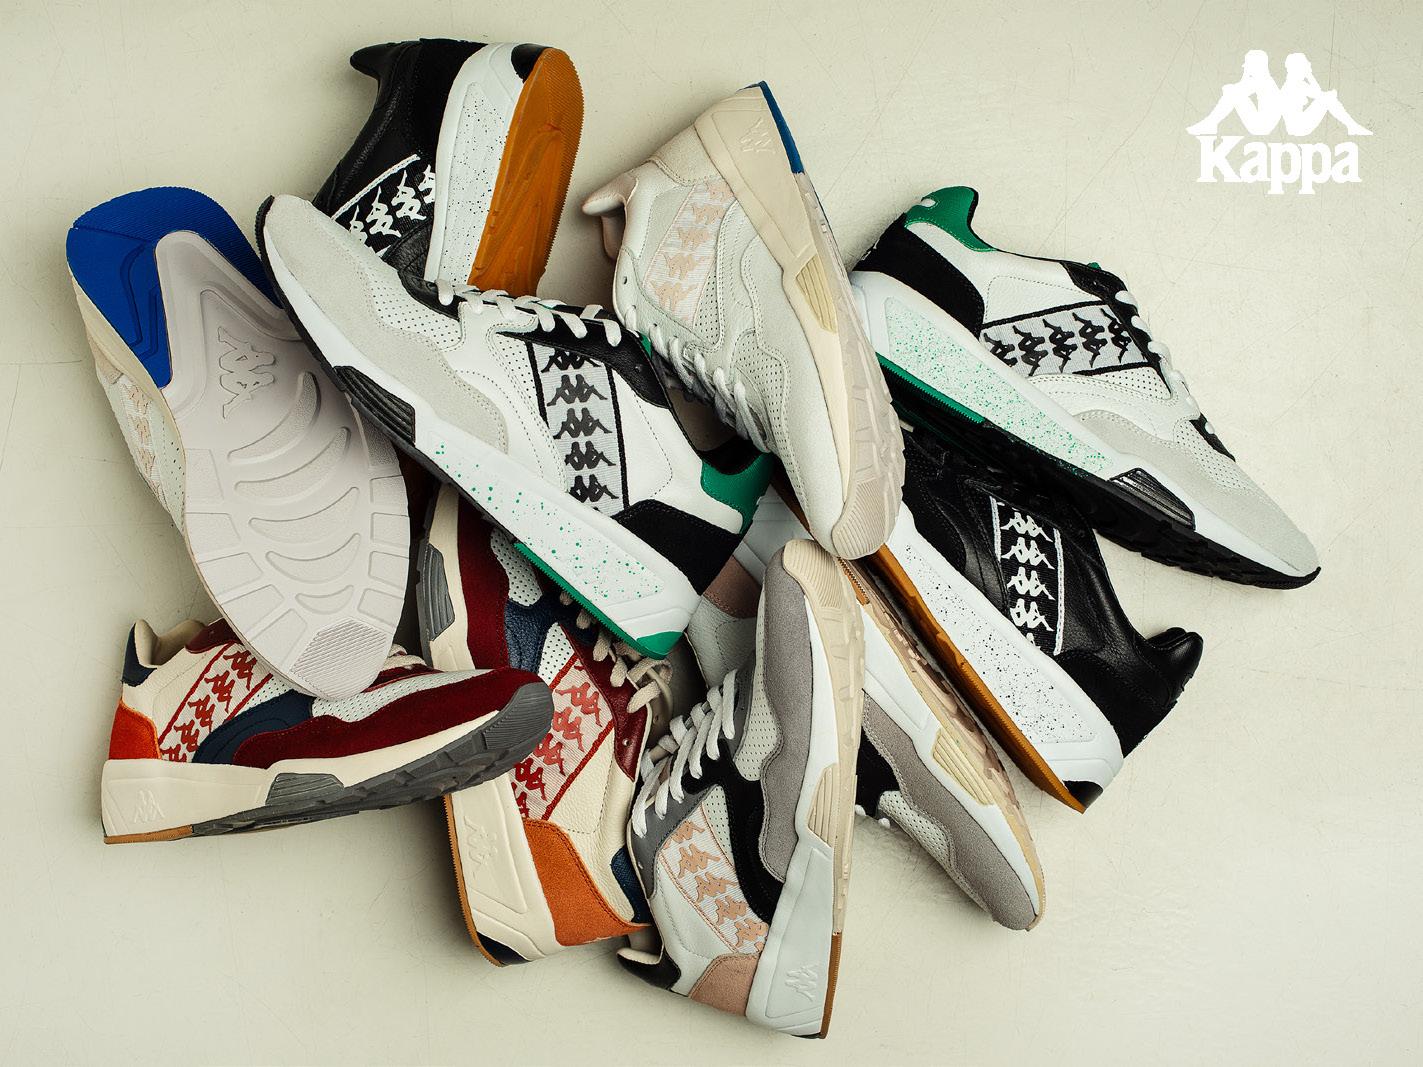 Kappa Colección Otoño Invierno 2019 - Sneakers Magazine